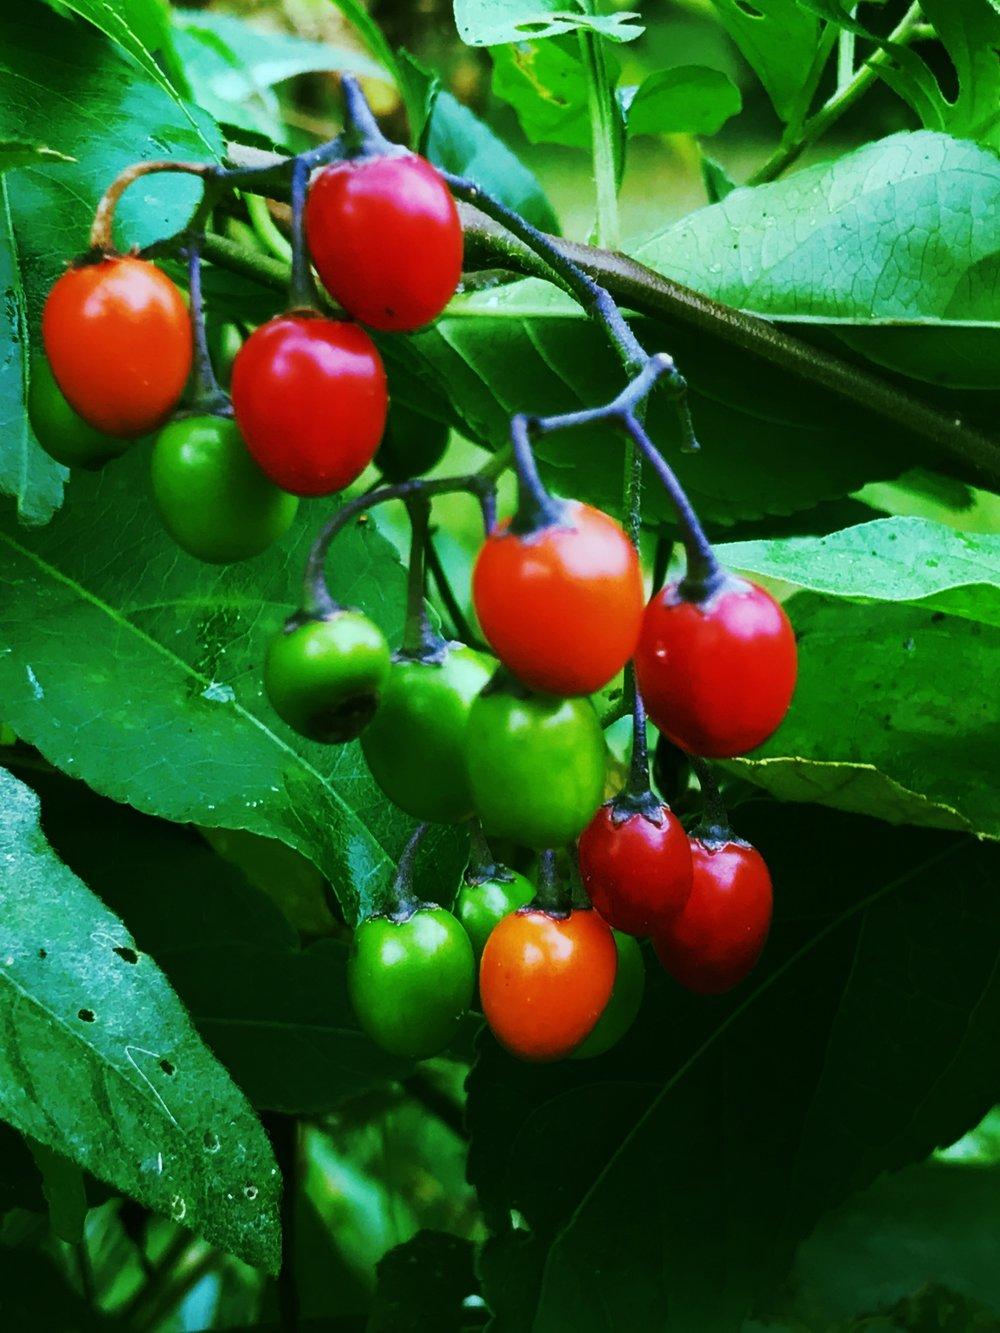 Solanum dulcamara, Bittersweet Nightshade